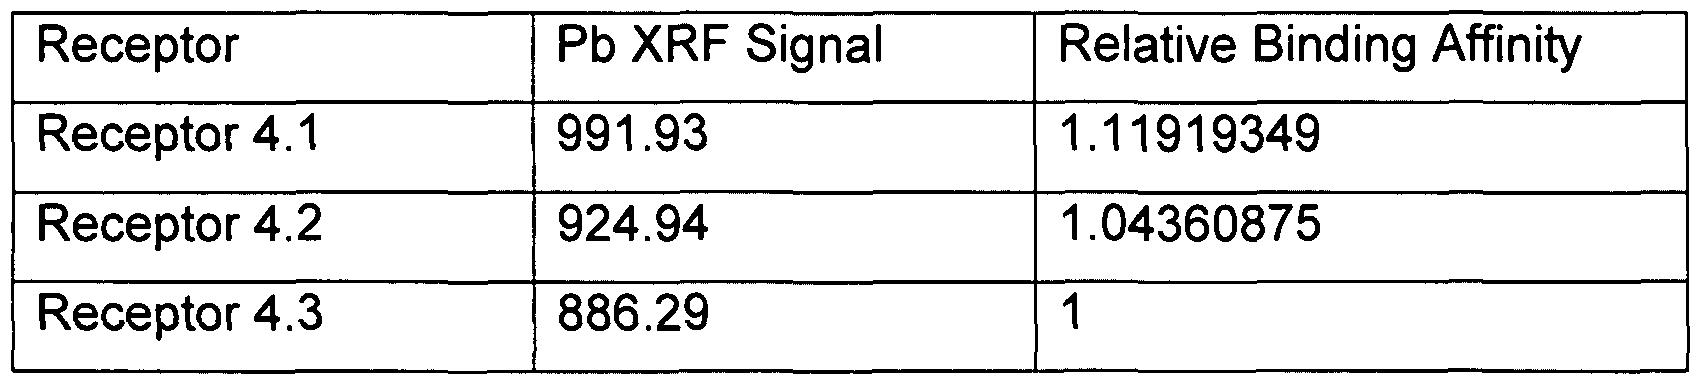 BIS TÉLÉCHARGER GRATUITEMENT G50 FORMULAIRE PDF